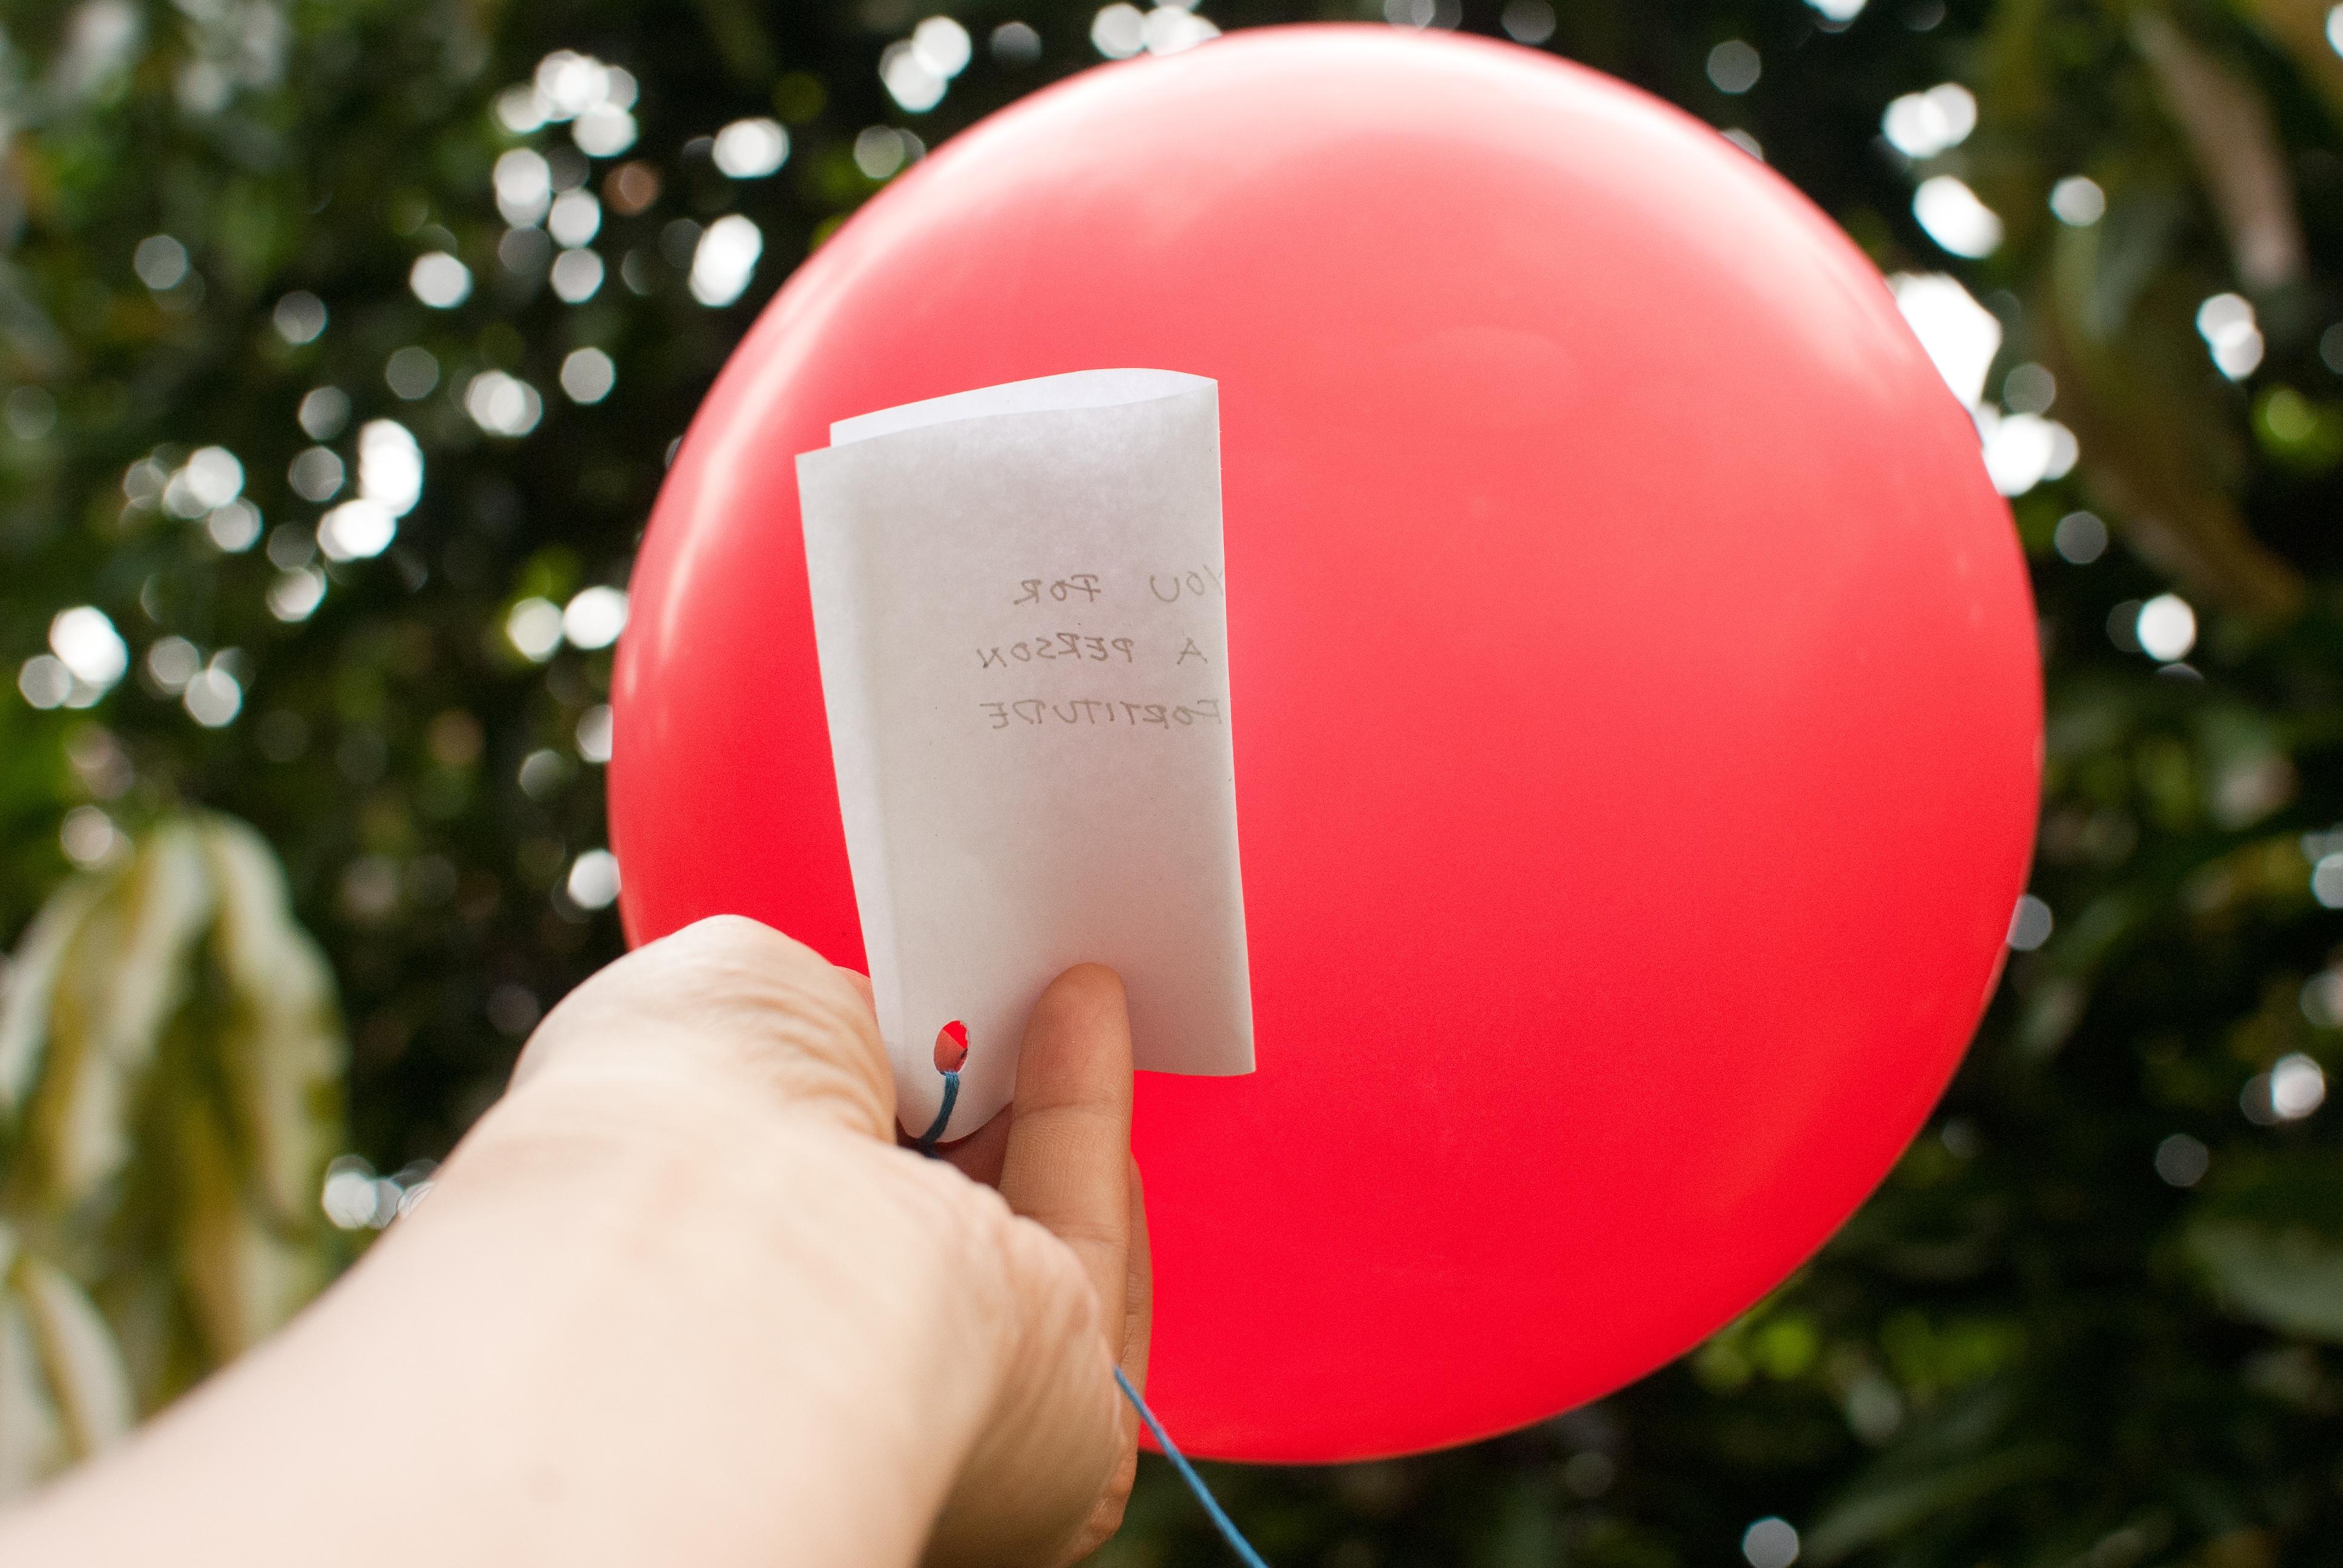 Pastor ajuda jovem a pagar faculdade, após receber seu pedido de oração em um balão